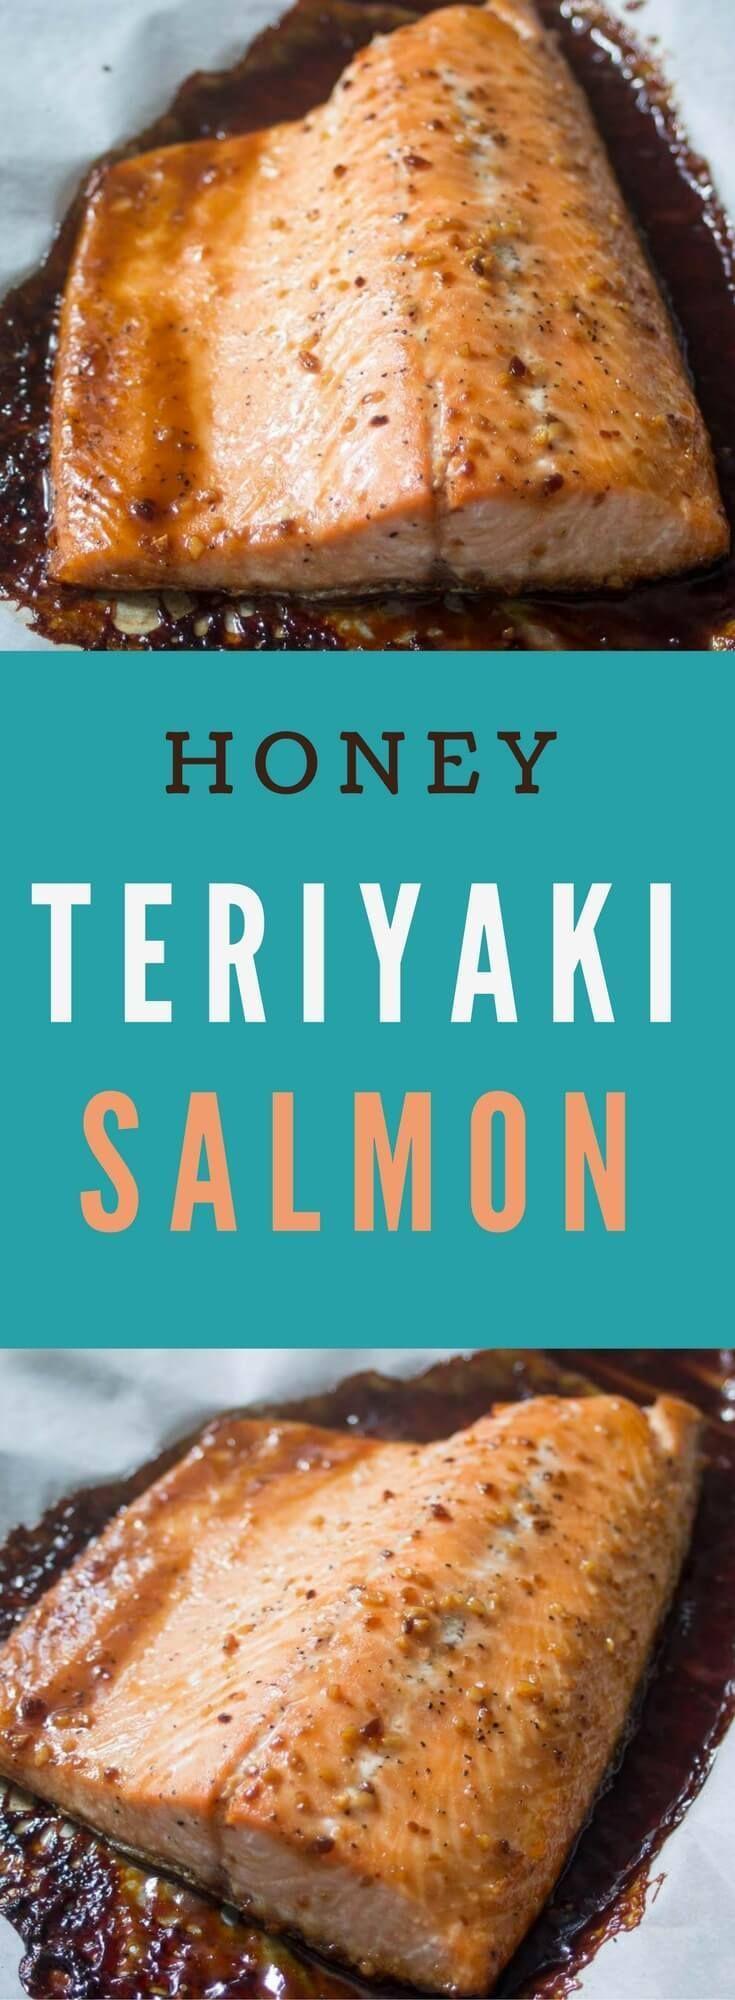 Honey Teriyaki Salmon #teriyakisalmon